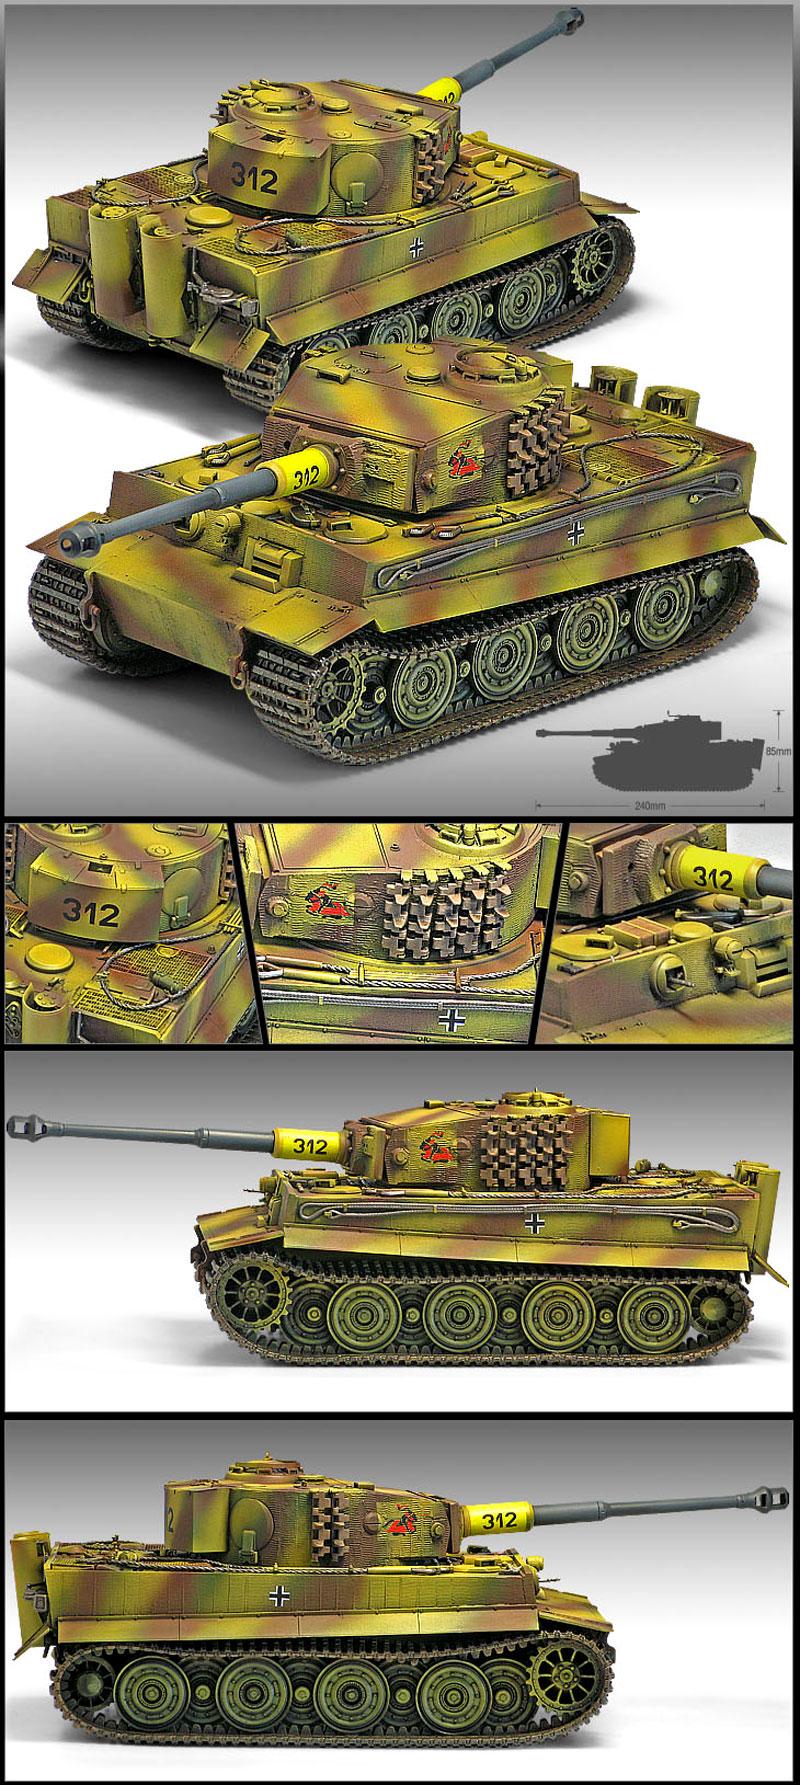 ドイツ タイガー 1 重戦車 後期型プラモデル(アカデミー1/35 ArmorsNo.13314)商品画像_3